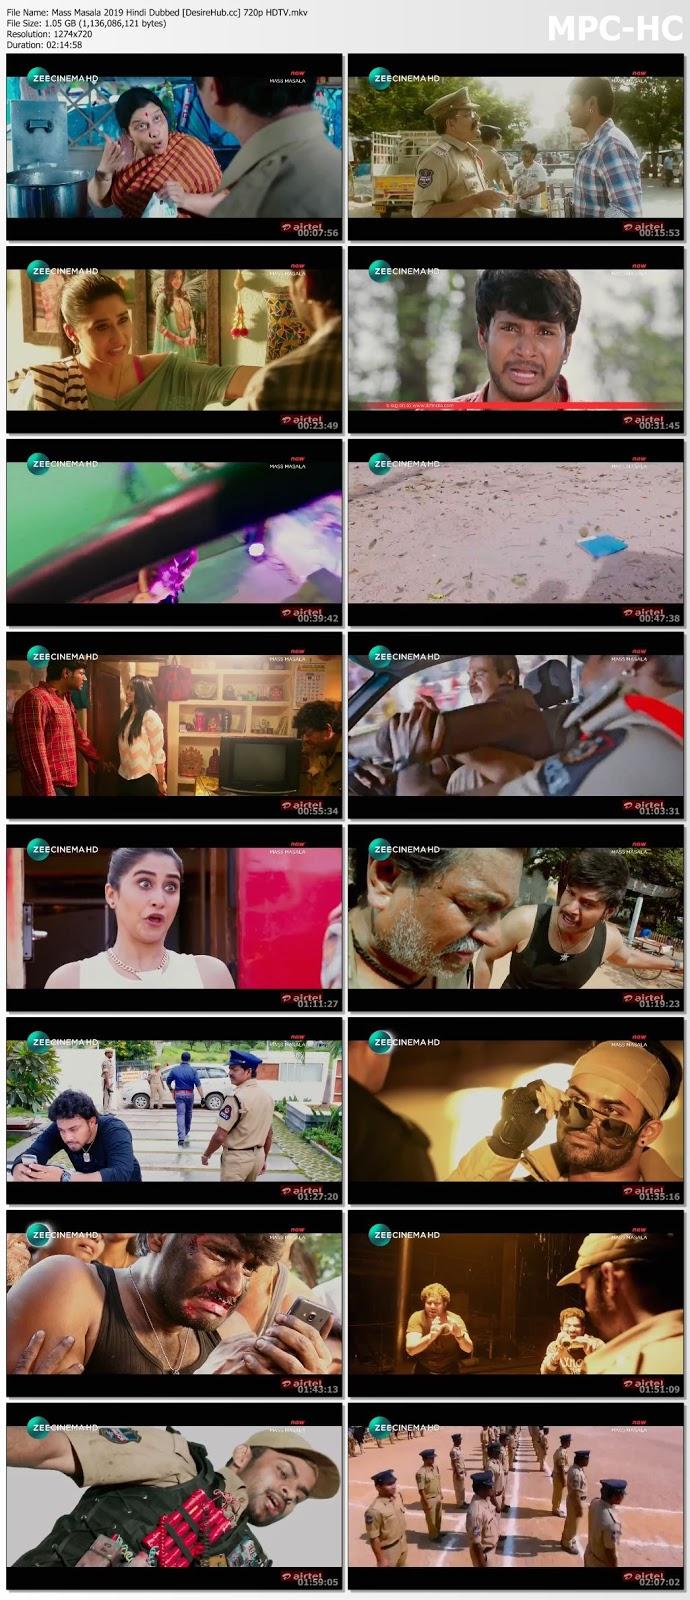 Mass Masala 2019 Hindi Dubbed 720p HDTV 1GB Desirehub